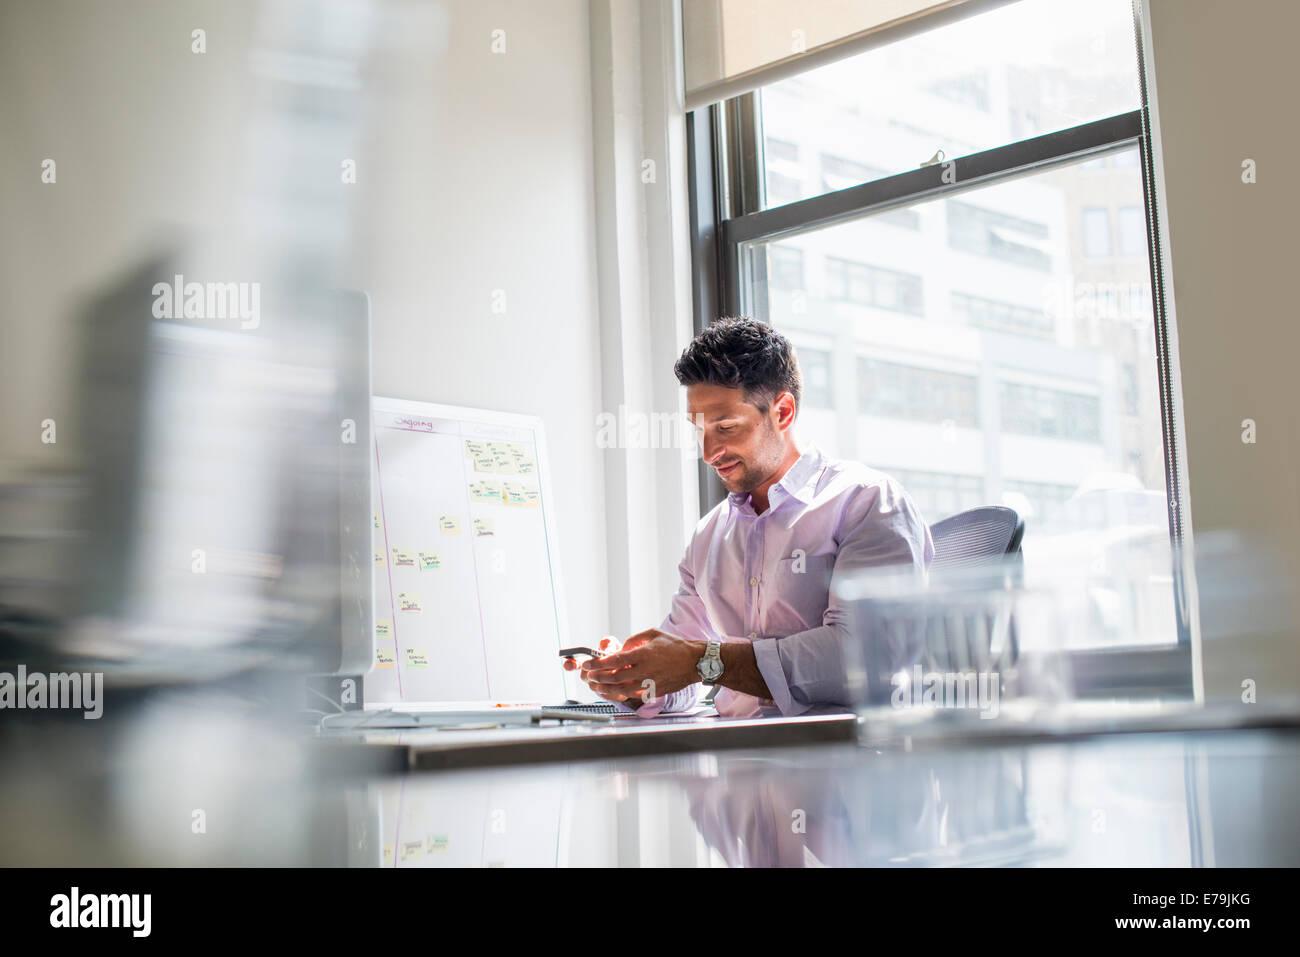 Vida de oficina. Un hombre controlar su teléfono en una oficina. Imagen De Stock